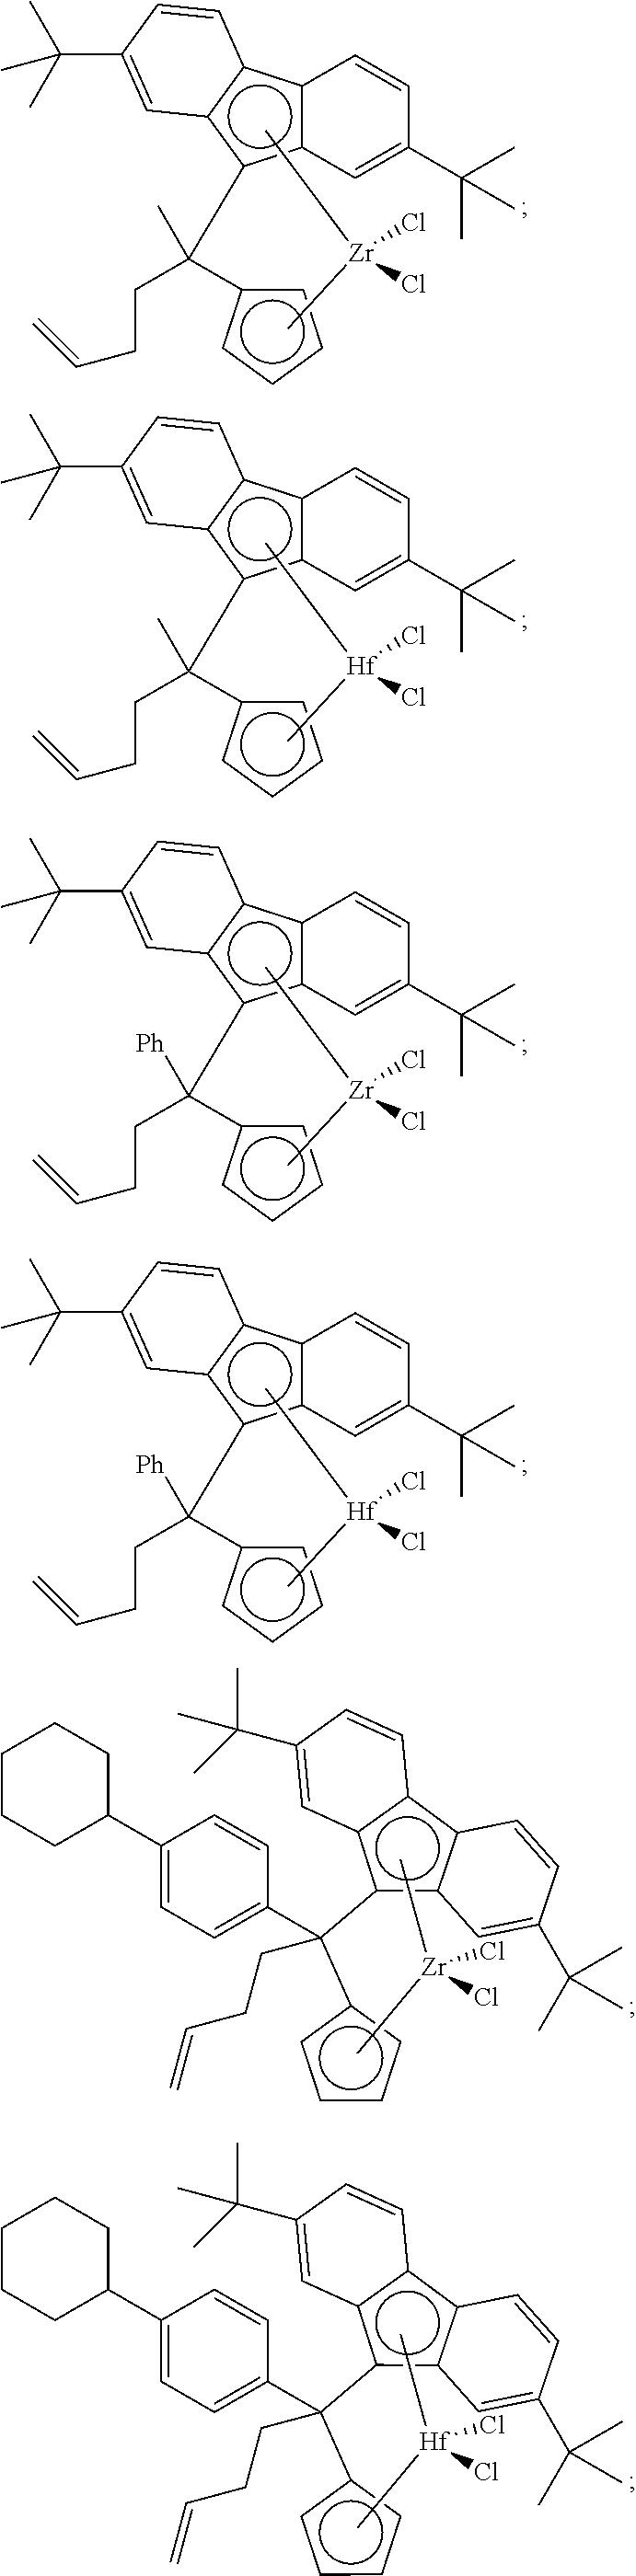 Figure US20110092357A1-20110421-C00005